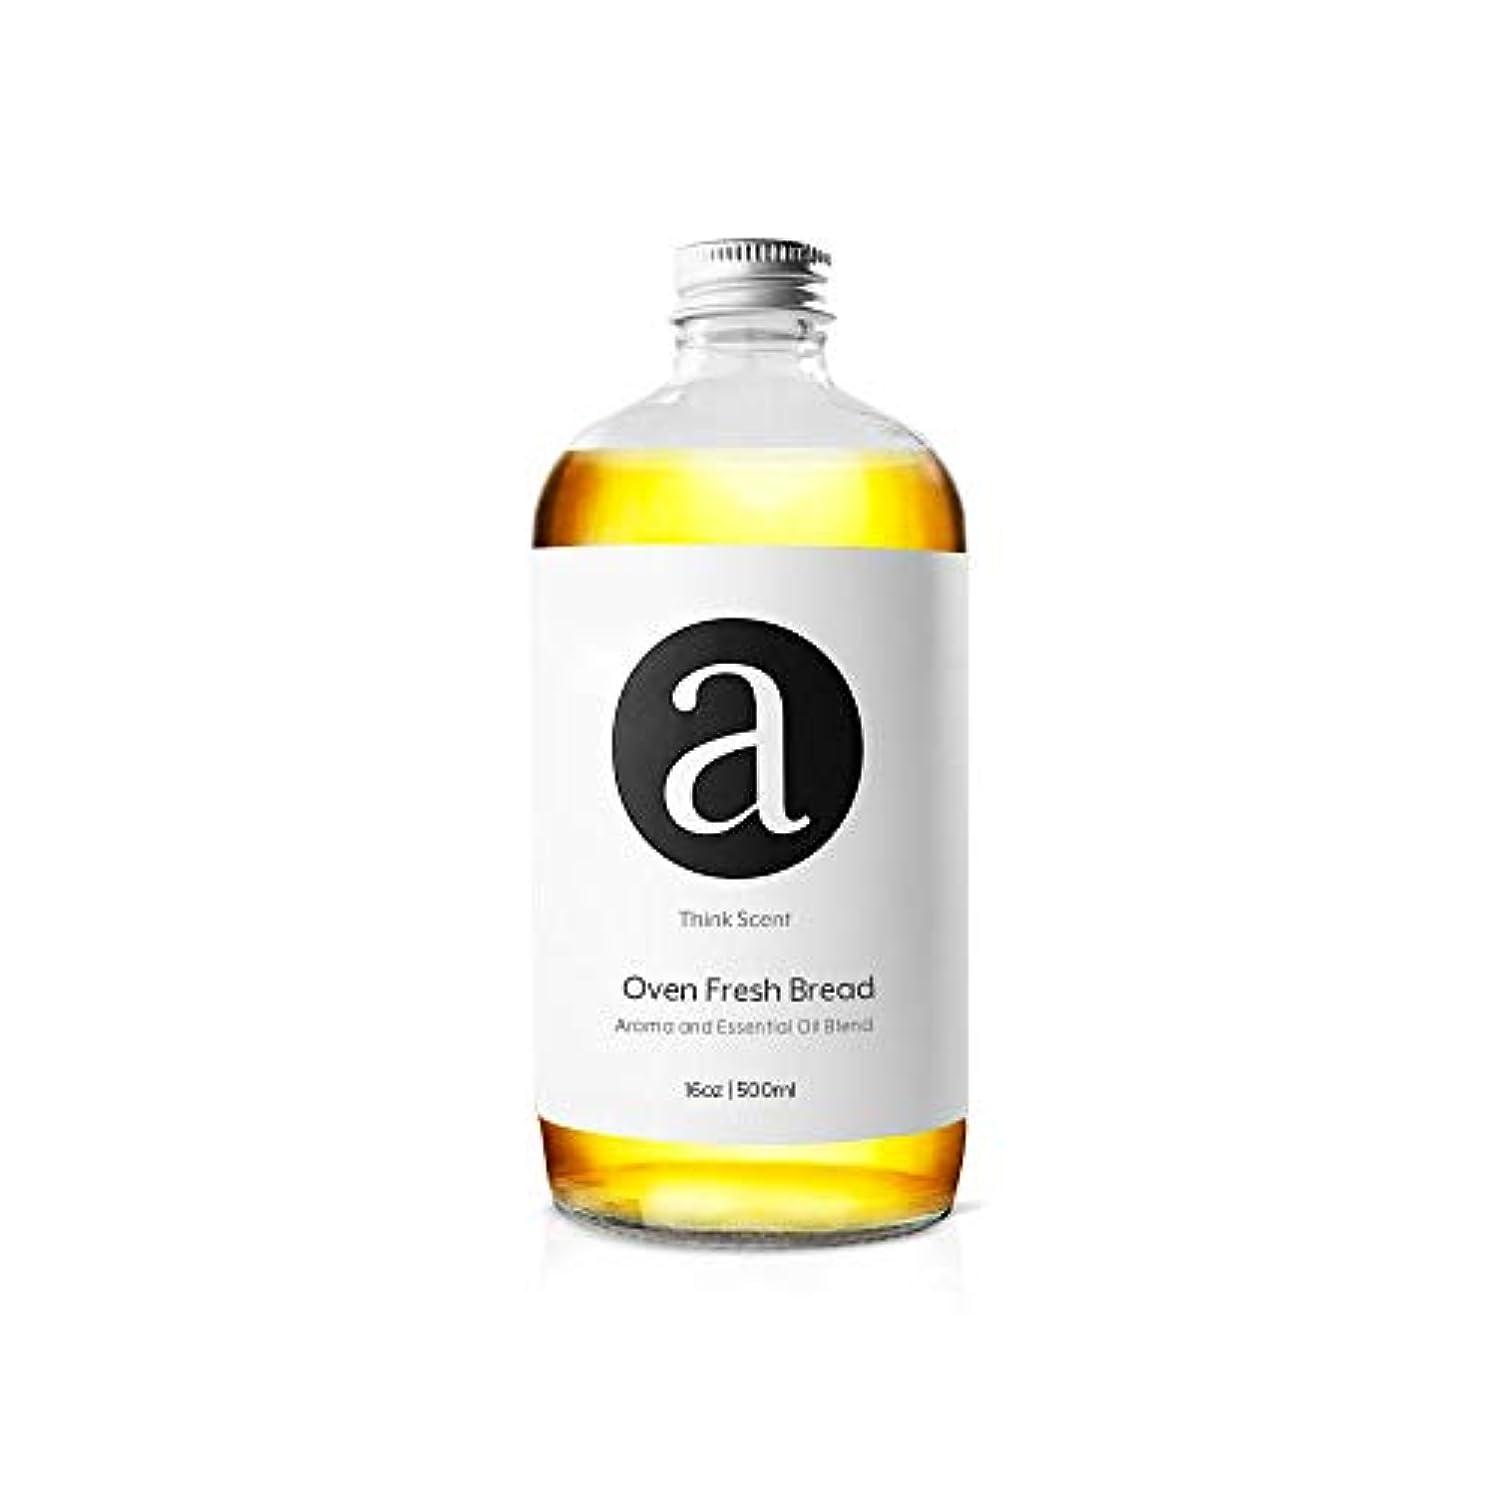 酔ったダーベビルのテスへこみ(オーブンFresh Bread )アロマ/ Fragrance Oil for aromatech消臭香りDiffuser 500ml